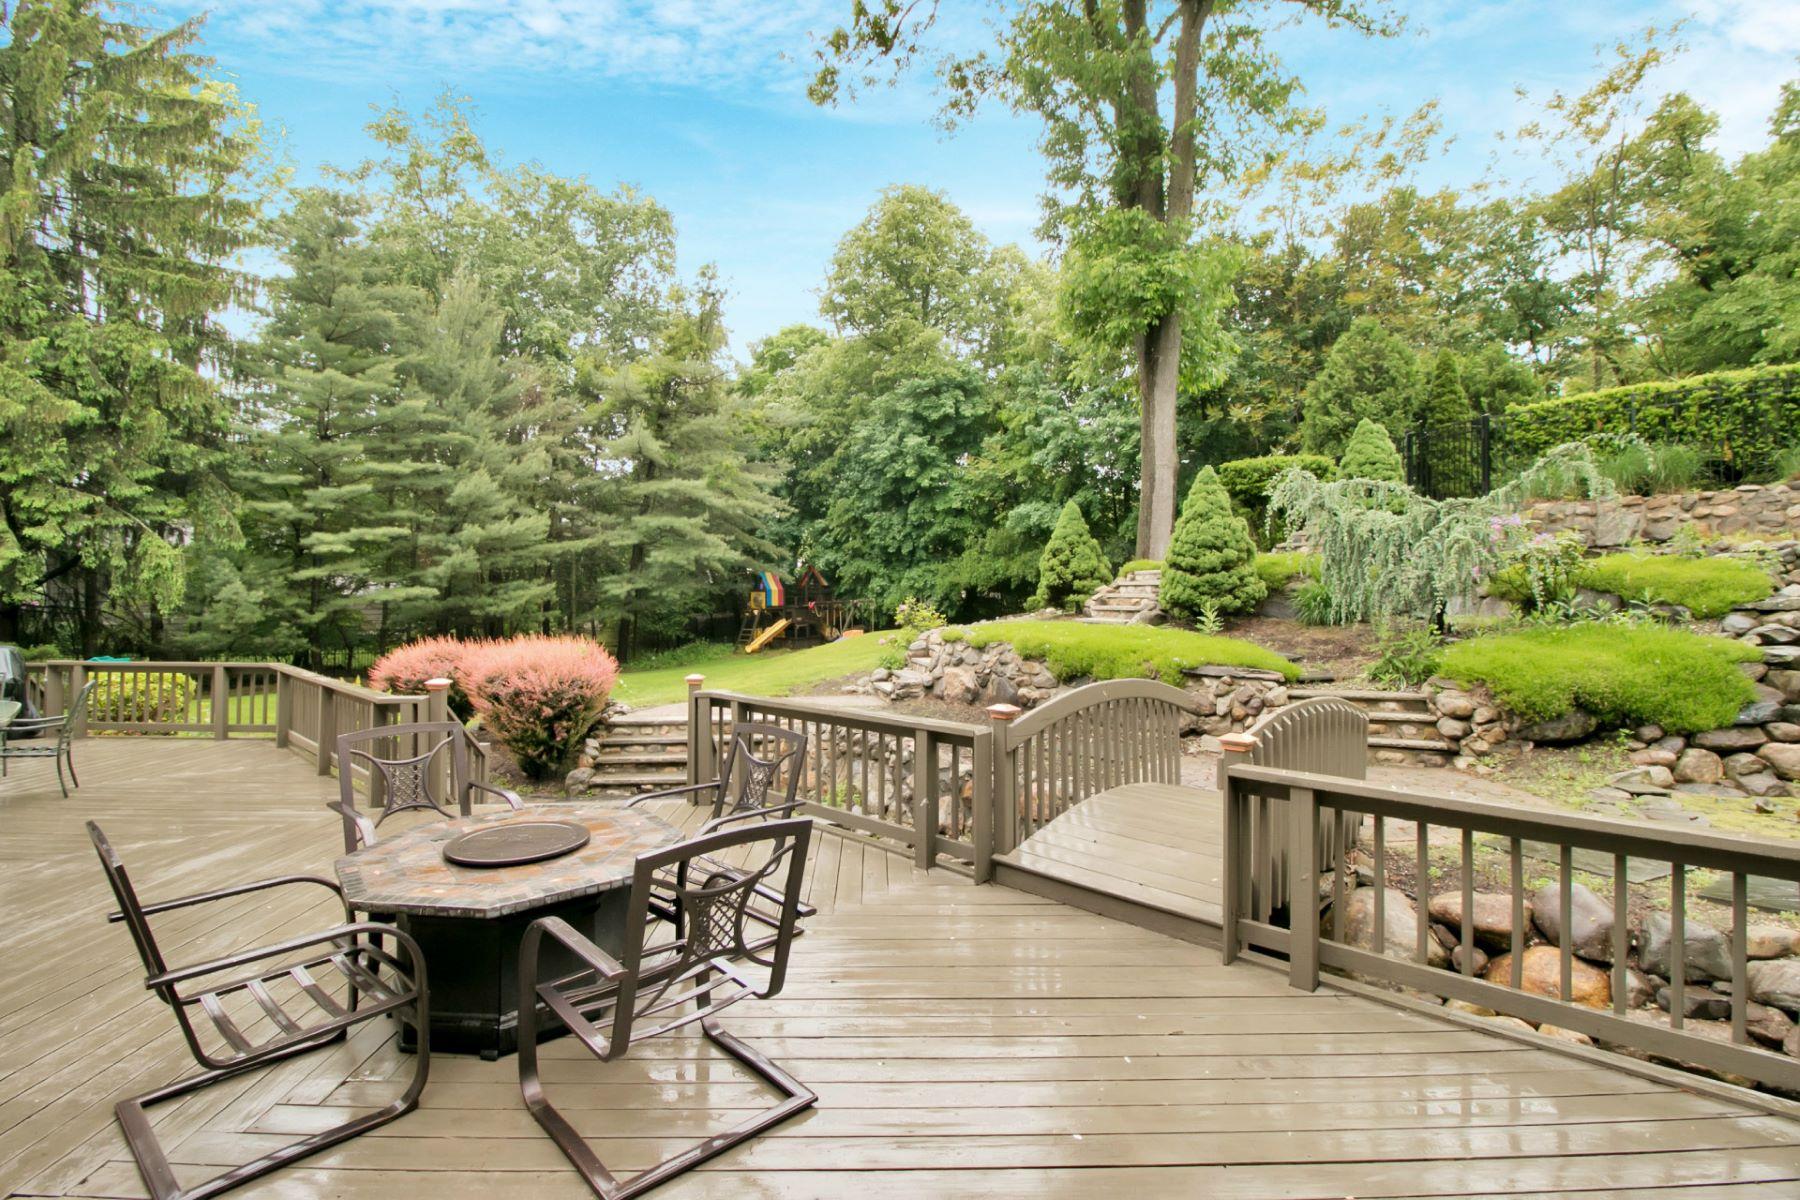 独户住宅 为 销售 在 Serene and Relaxing 753 Ramapo Valley Rd 奥克兰, 新泽西州 07436 美国